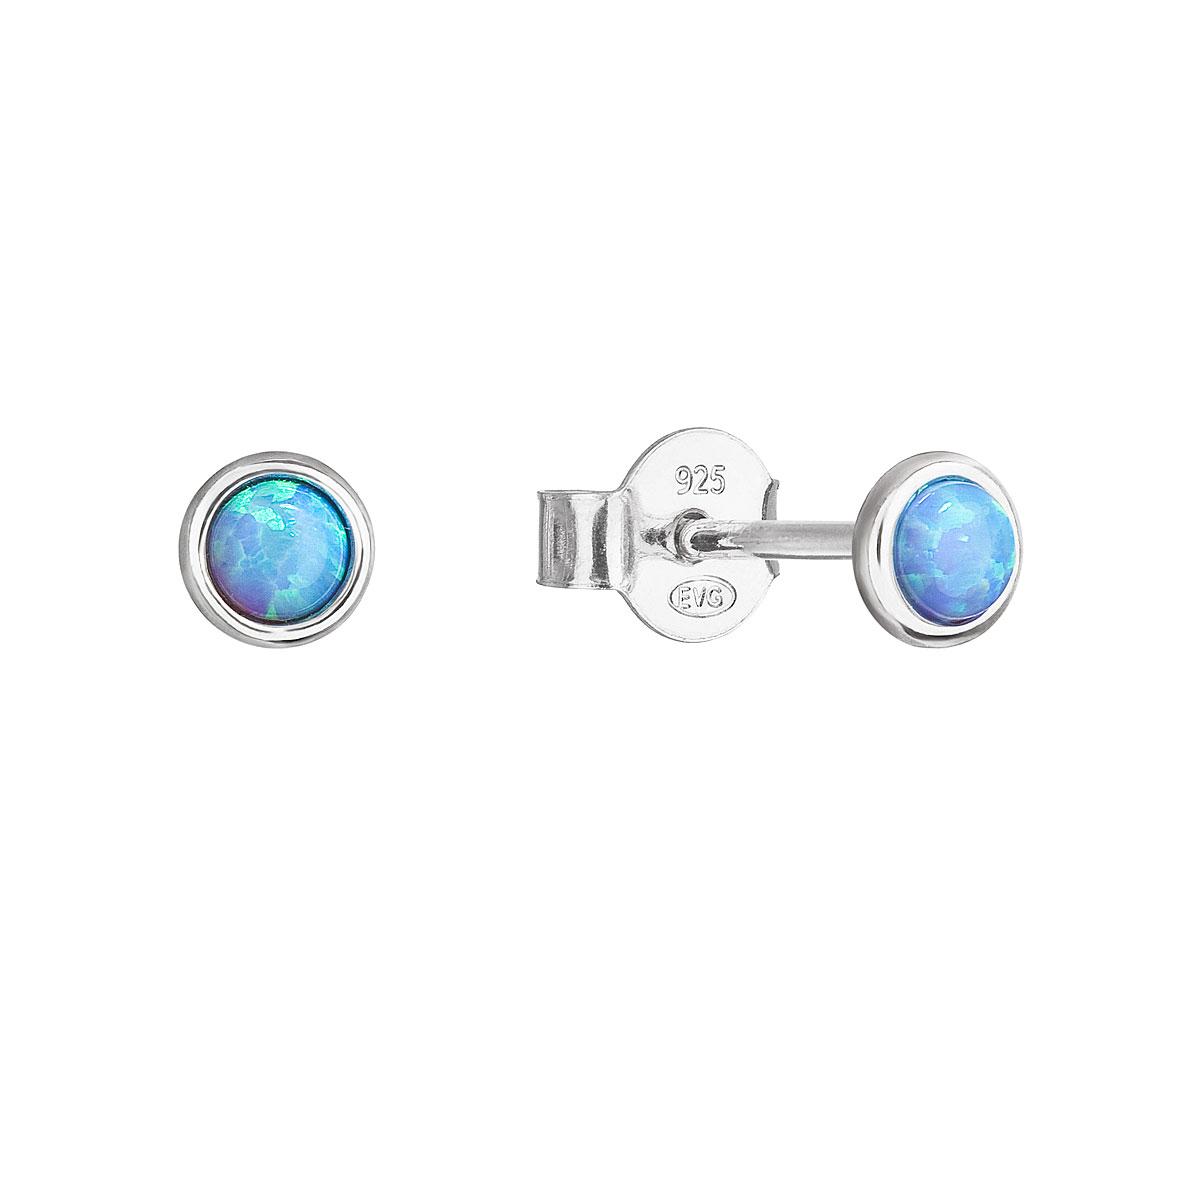 Strieborné náušnice perličky so syntetickým opálom svetlo modré okrúhle 11338.3